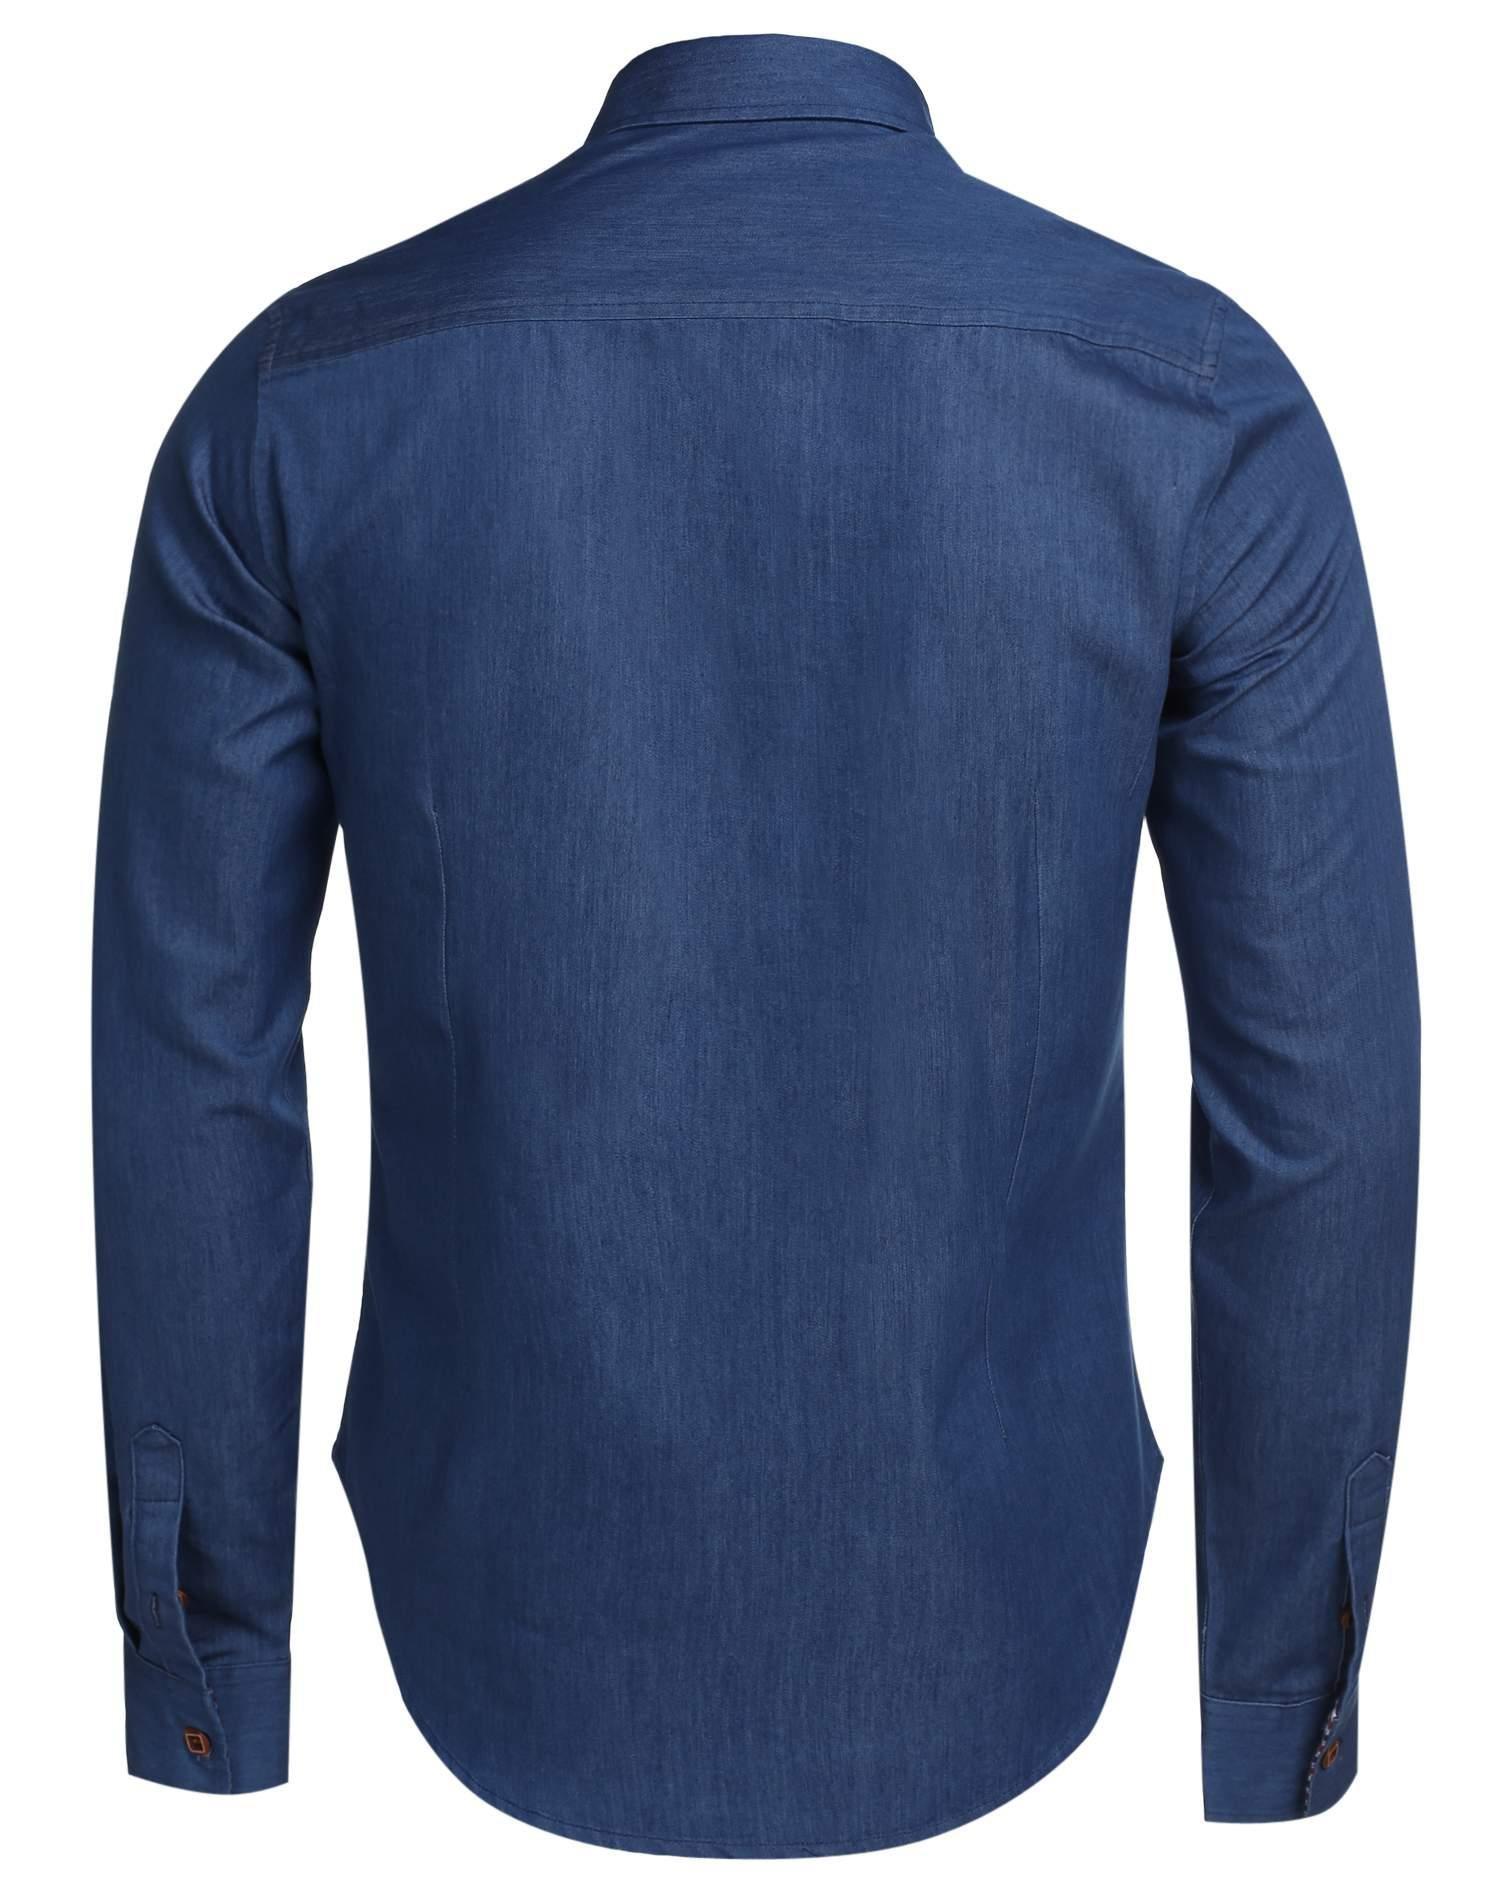 Coofandy Chemise Homme Coton Manche Longue Col Italien Décontracté Casual Bleu Foncé Taille L